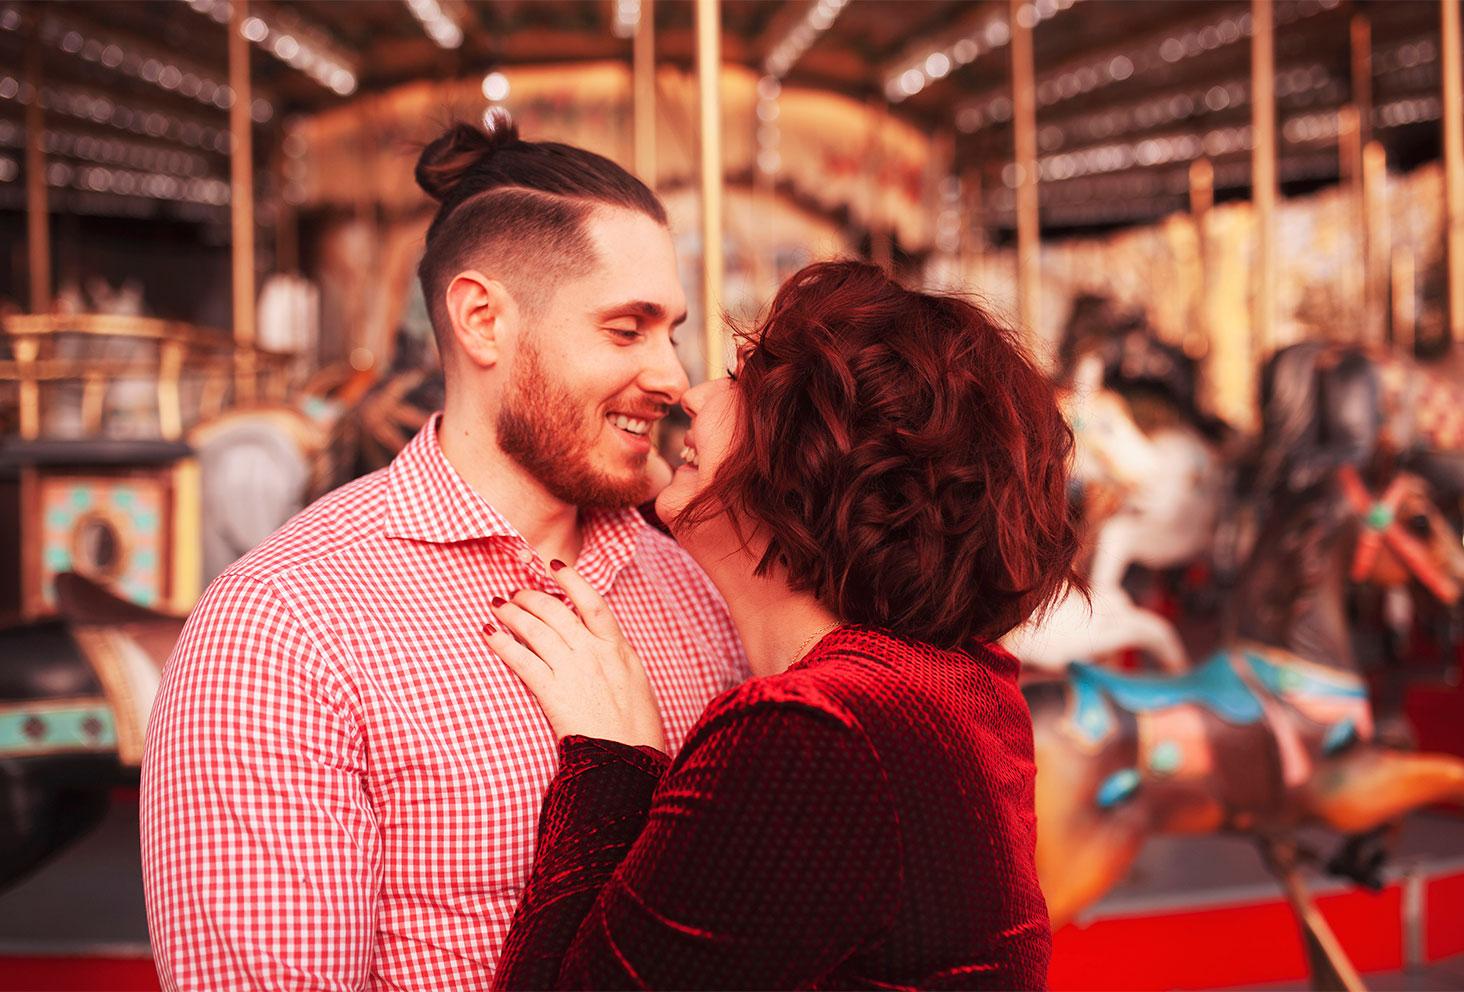 Photo pleine d'amour au marché de Noël de Tours, les yeux dans les yeux, devant le carrousel